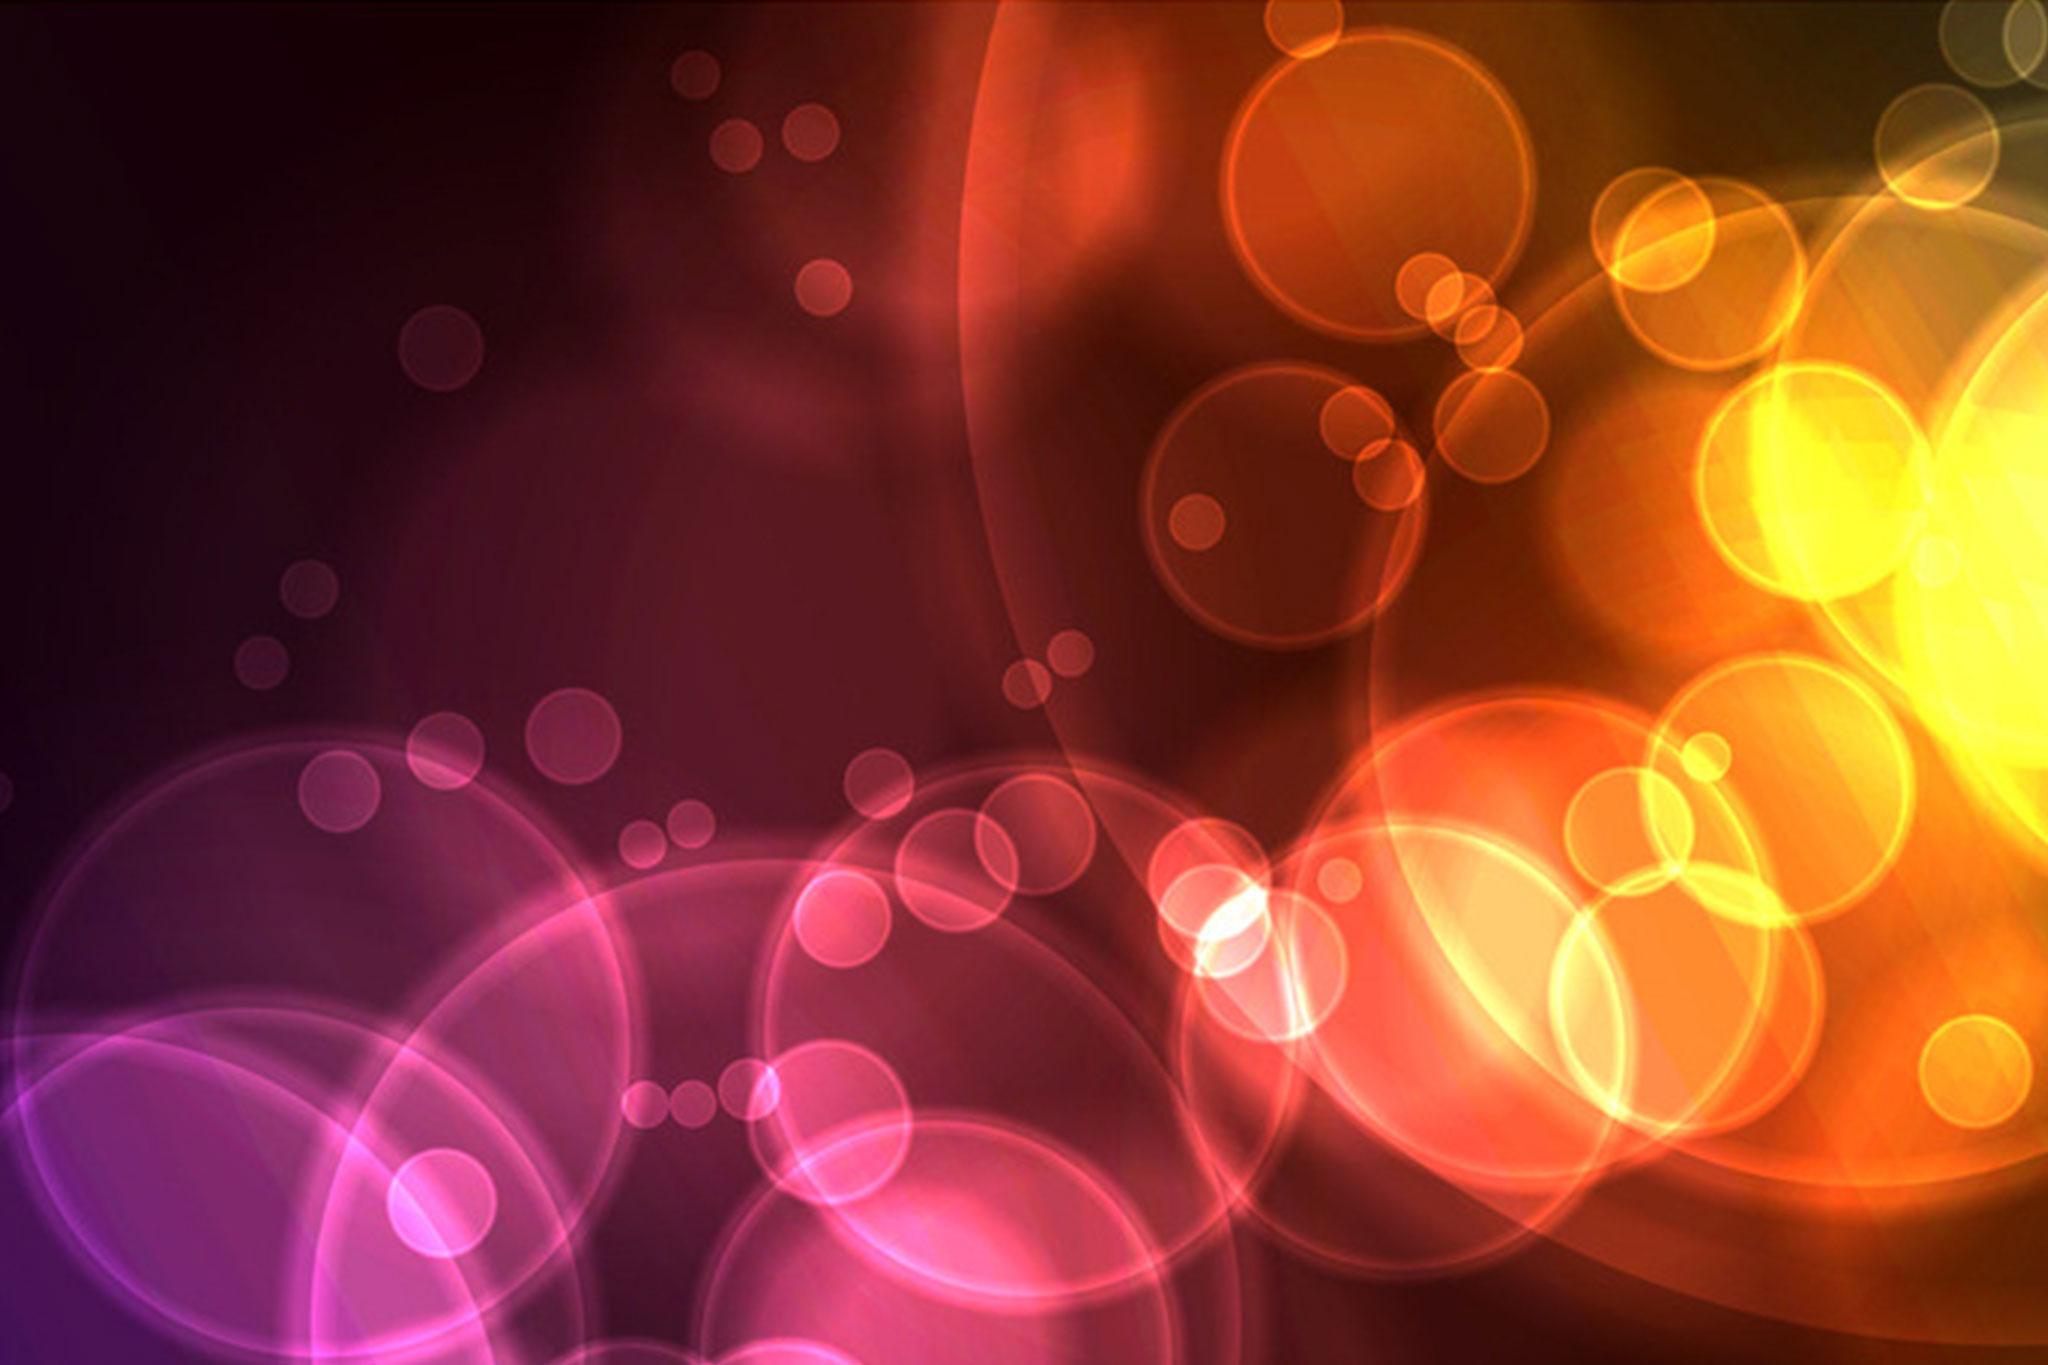 圖片跑馬燈 1